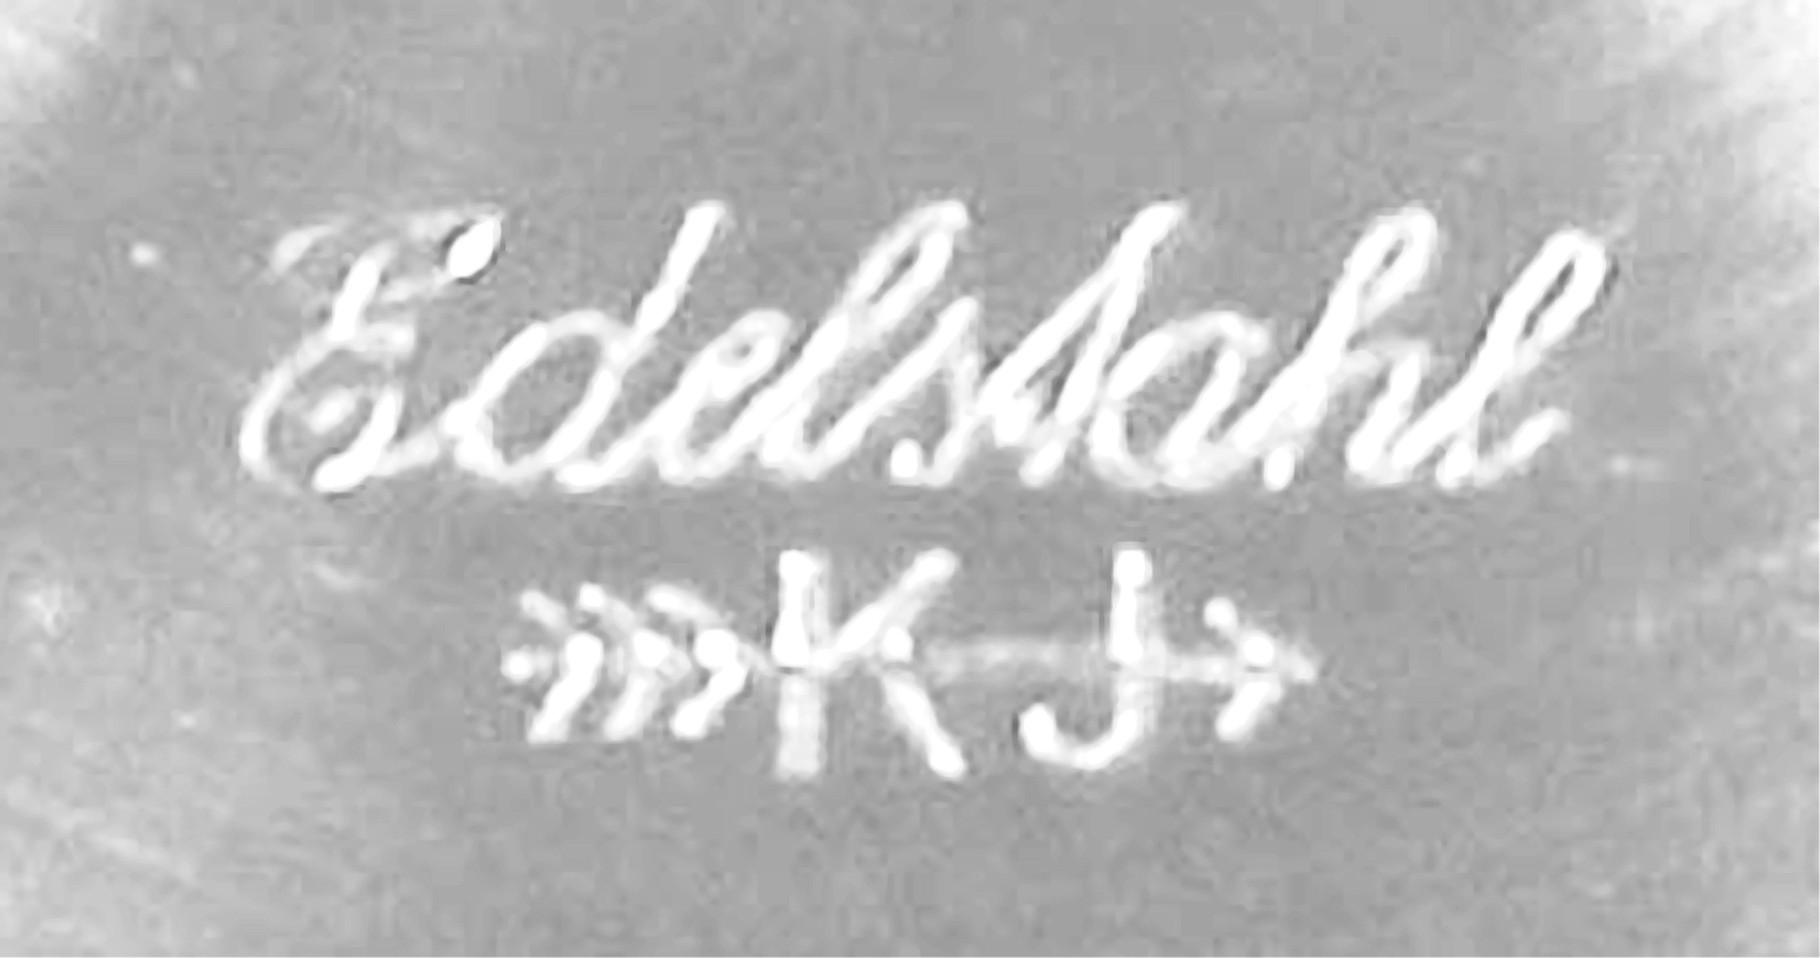 Herstellerkennung der Firma Kollmar & Jourdan, Pforzheim